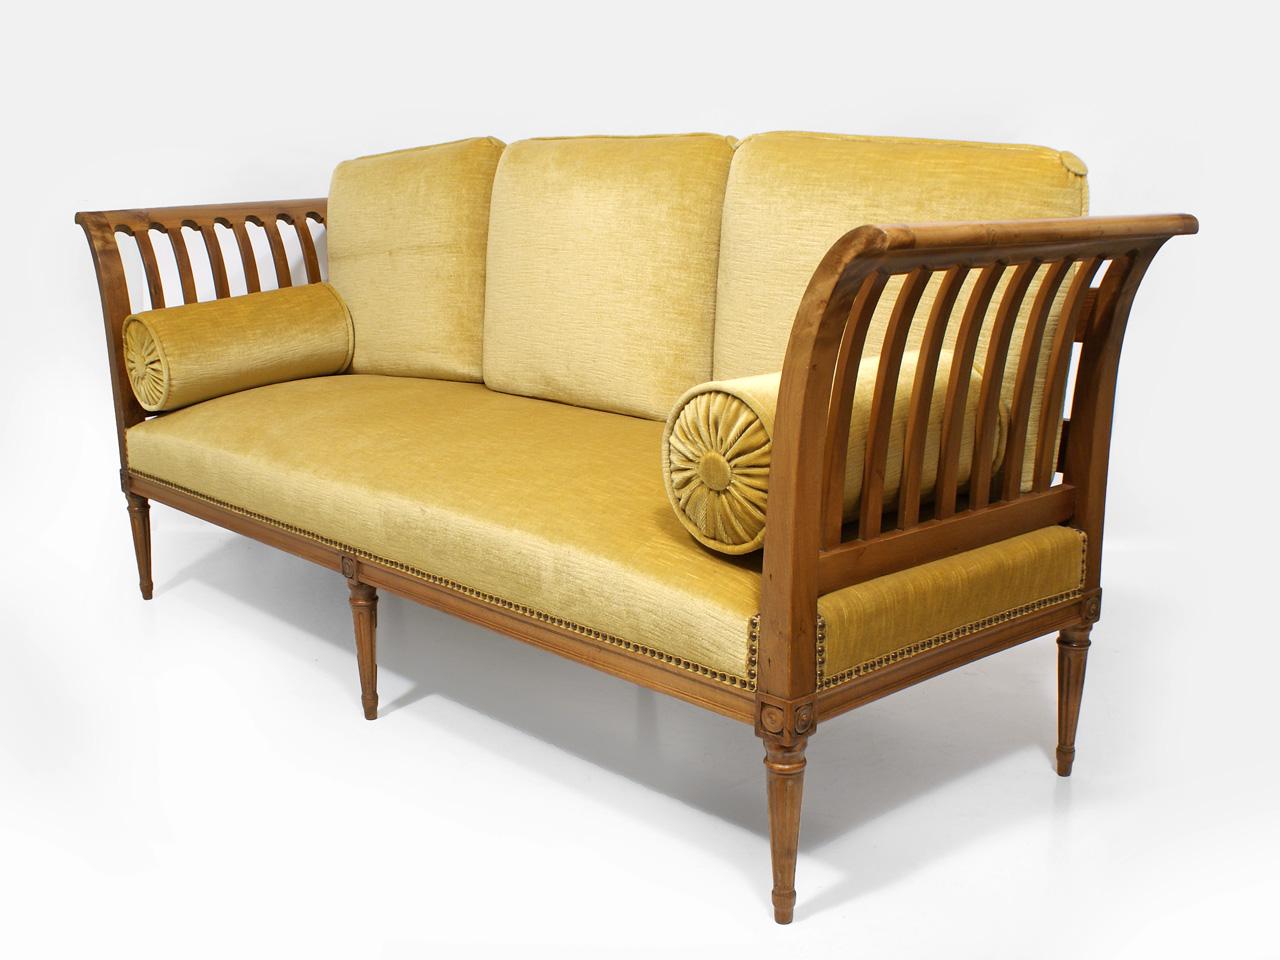 art nr 877 sitzbank nussbaum schweiz mitte 19 jh. Black Bedroom Furniture Sets. Home Design Ideas